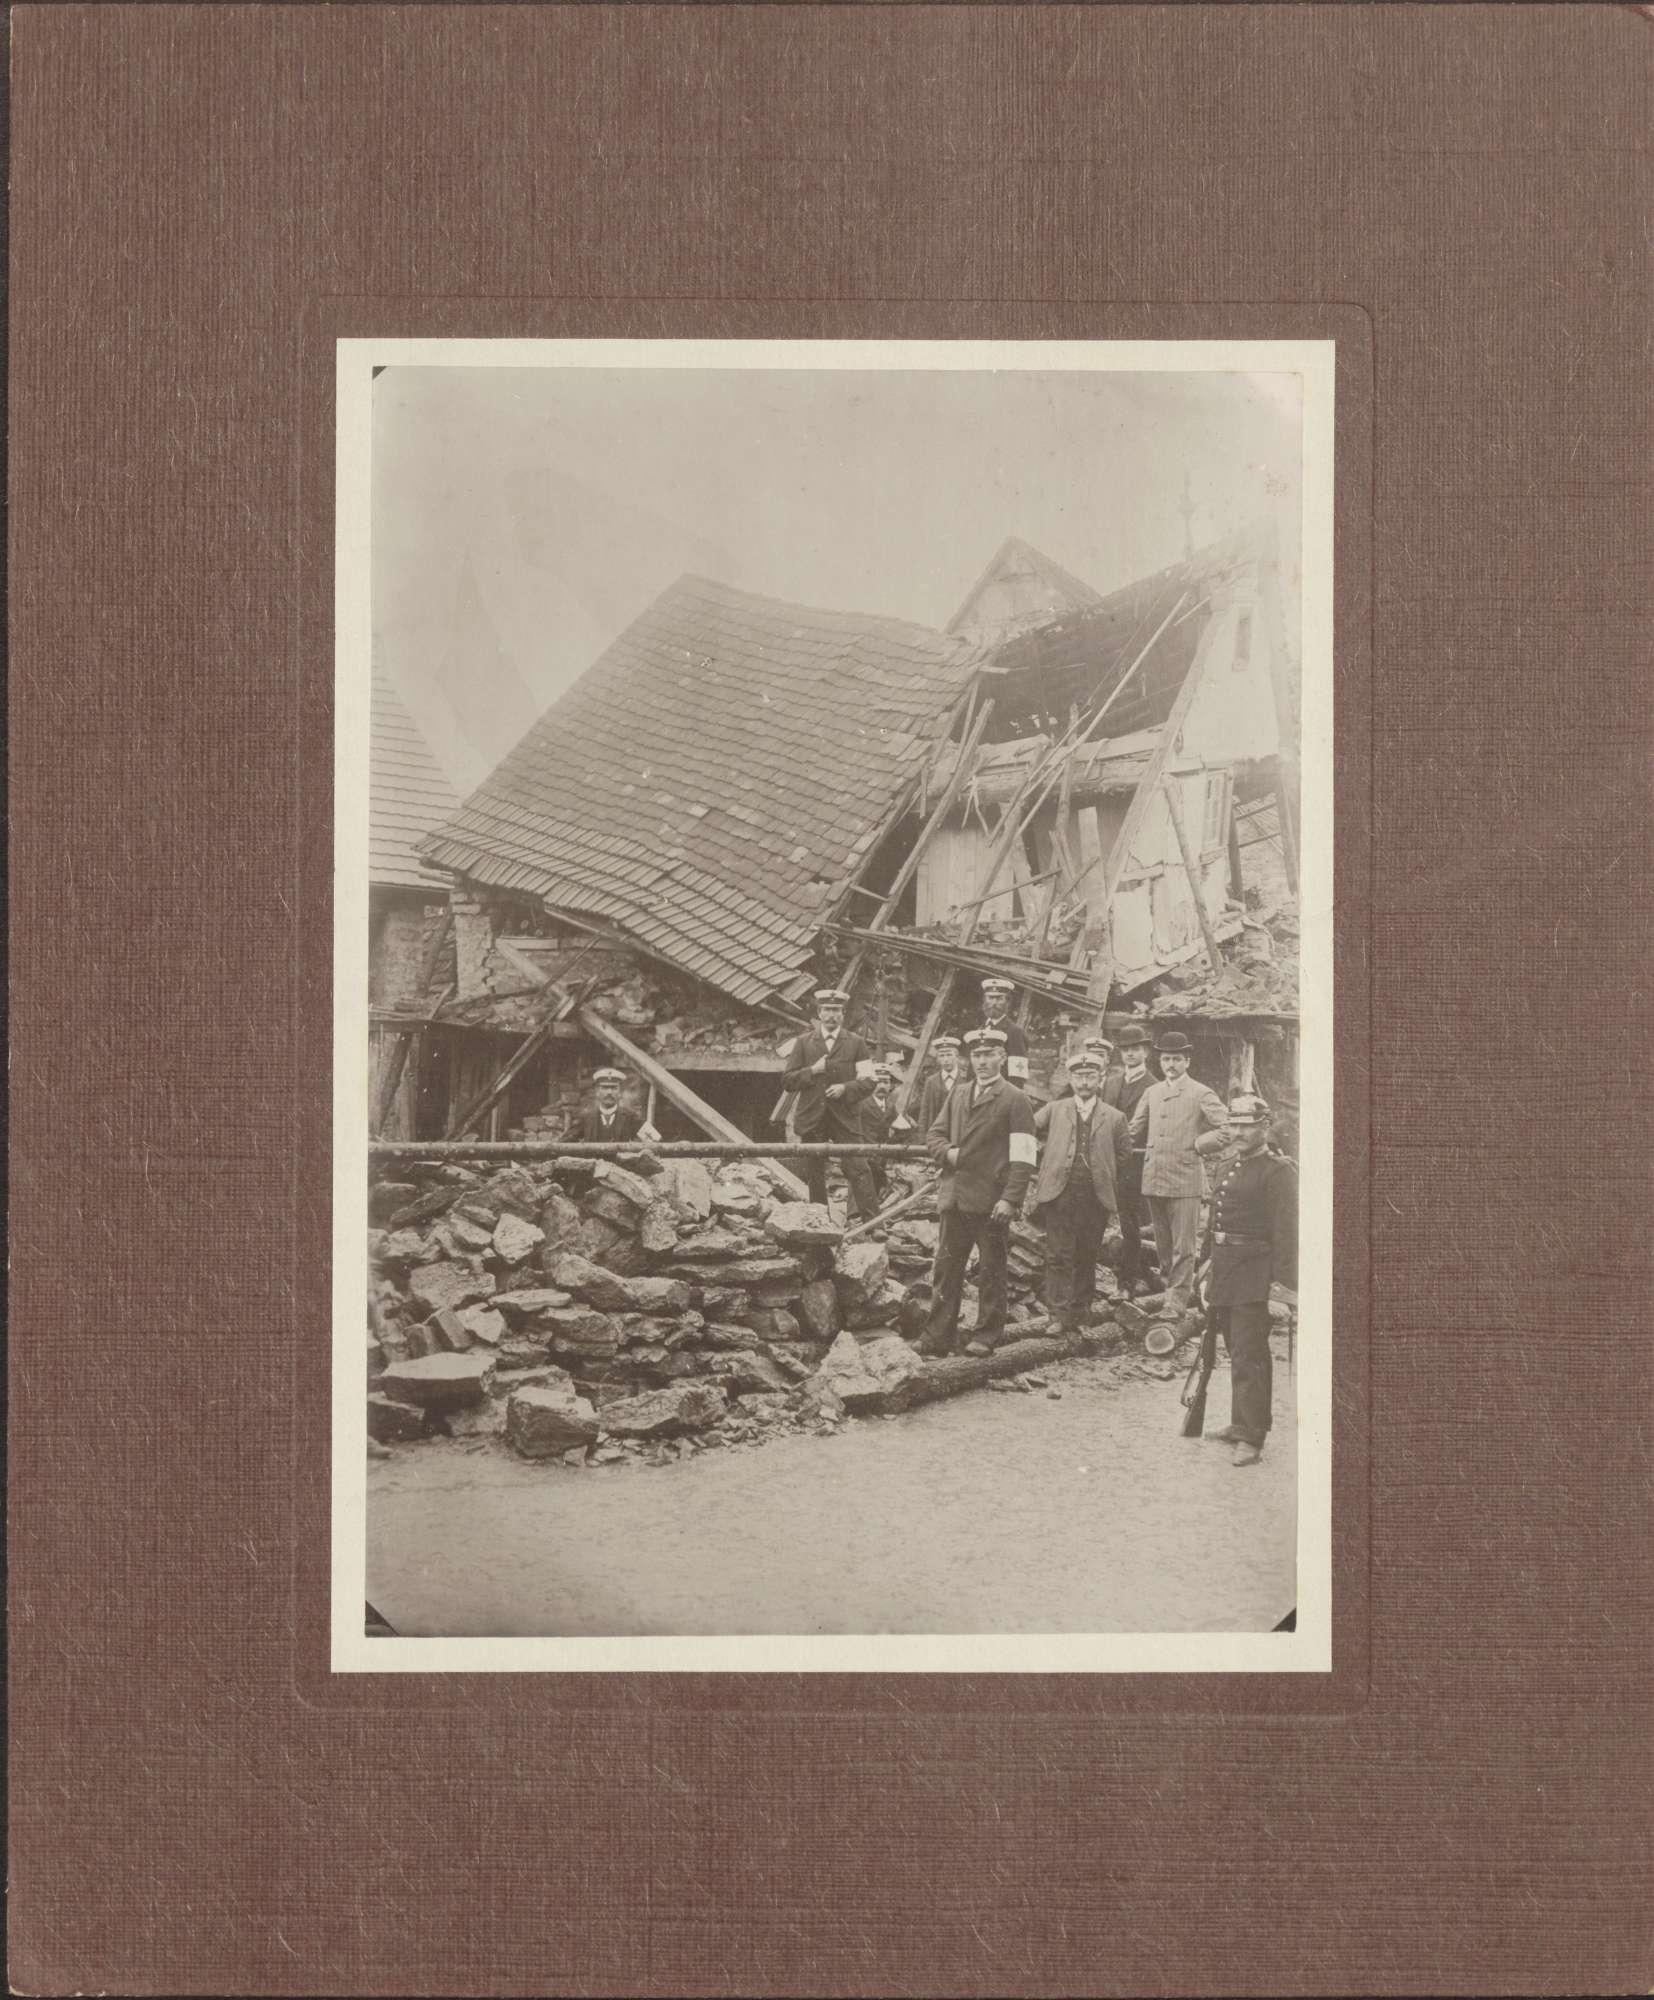 Tauberbischofsheim, Wohnhausruine mit Rot-Kreuz-Helfern., Bild 1